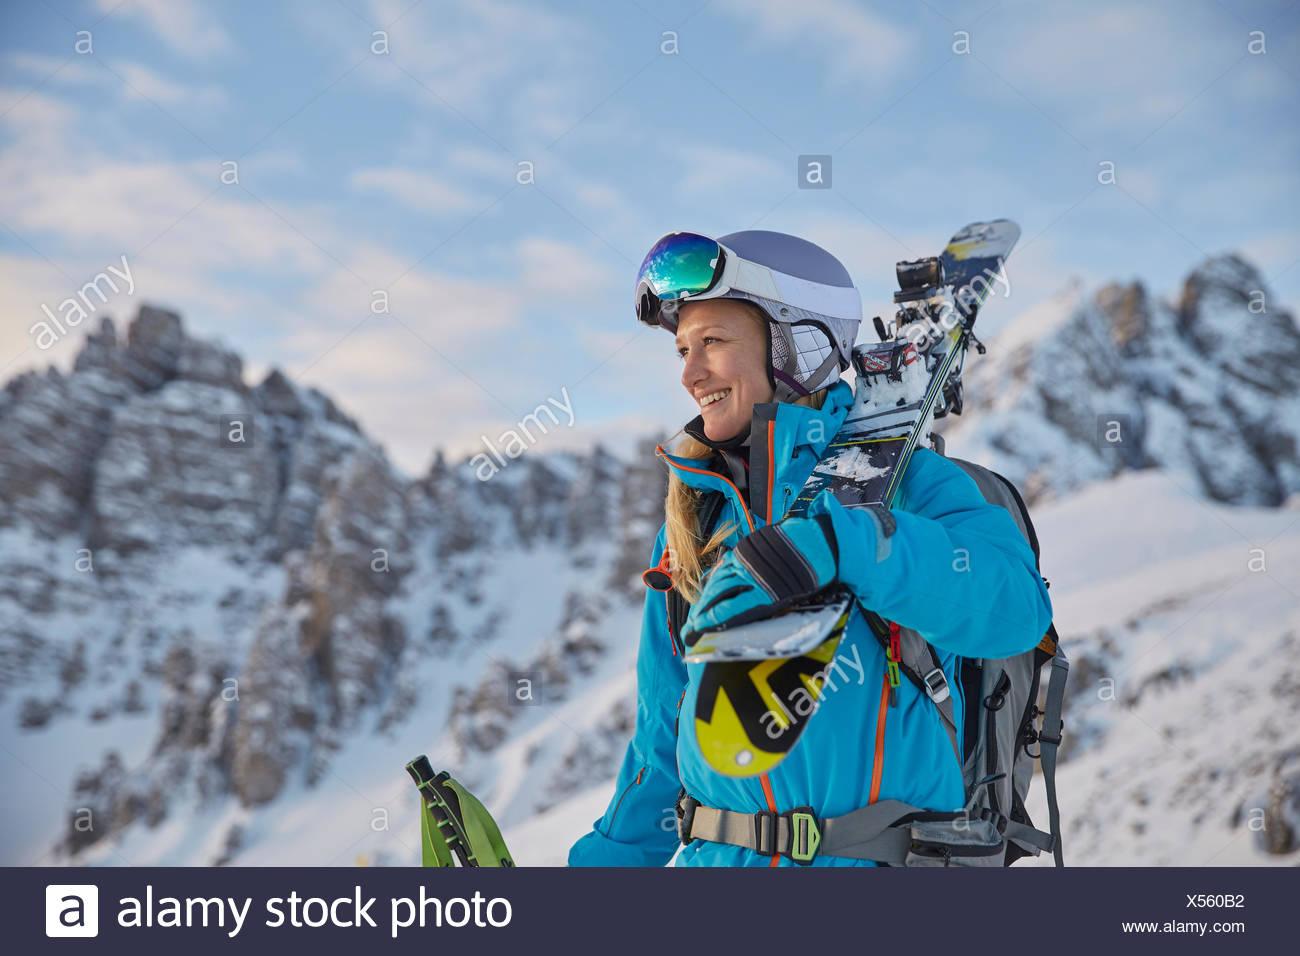 Lo sciatore, con rifiniture con maschere da sci e casco, Kalkkögel dietro, Axamer Lizum, Tirolo, Austria Immagini Stock